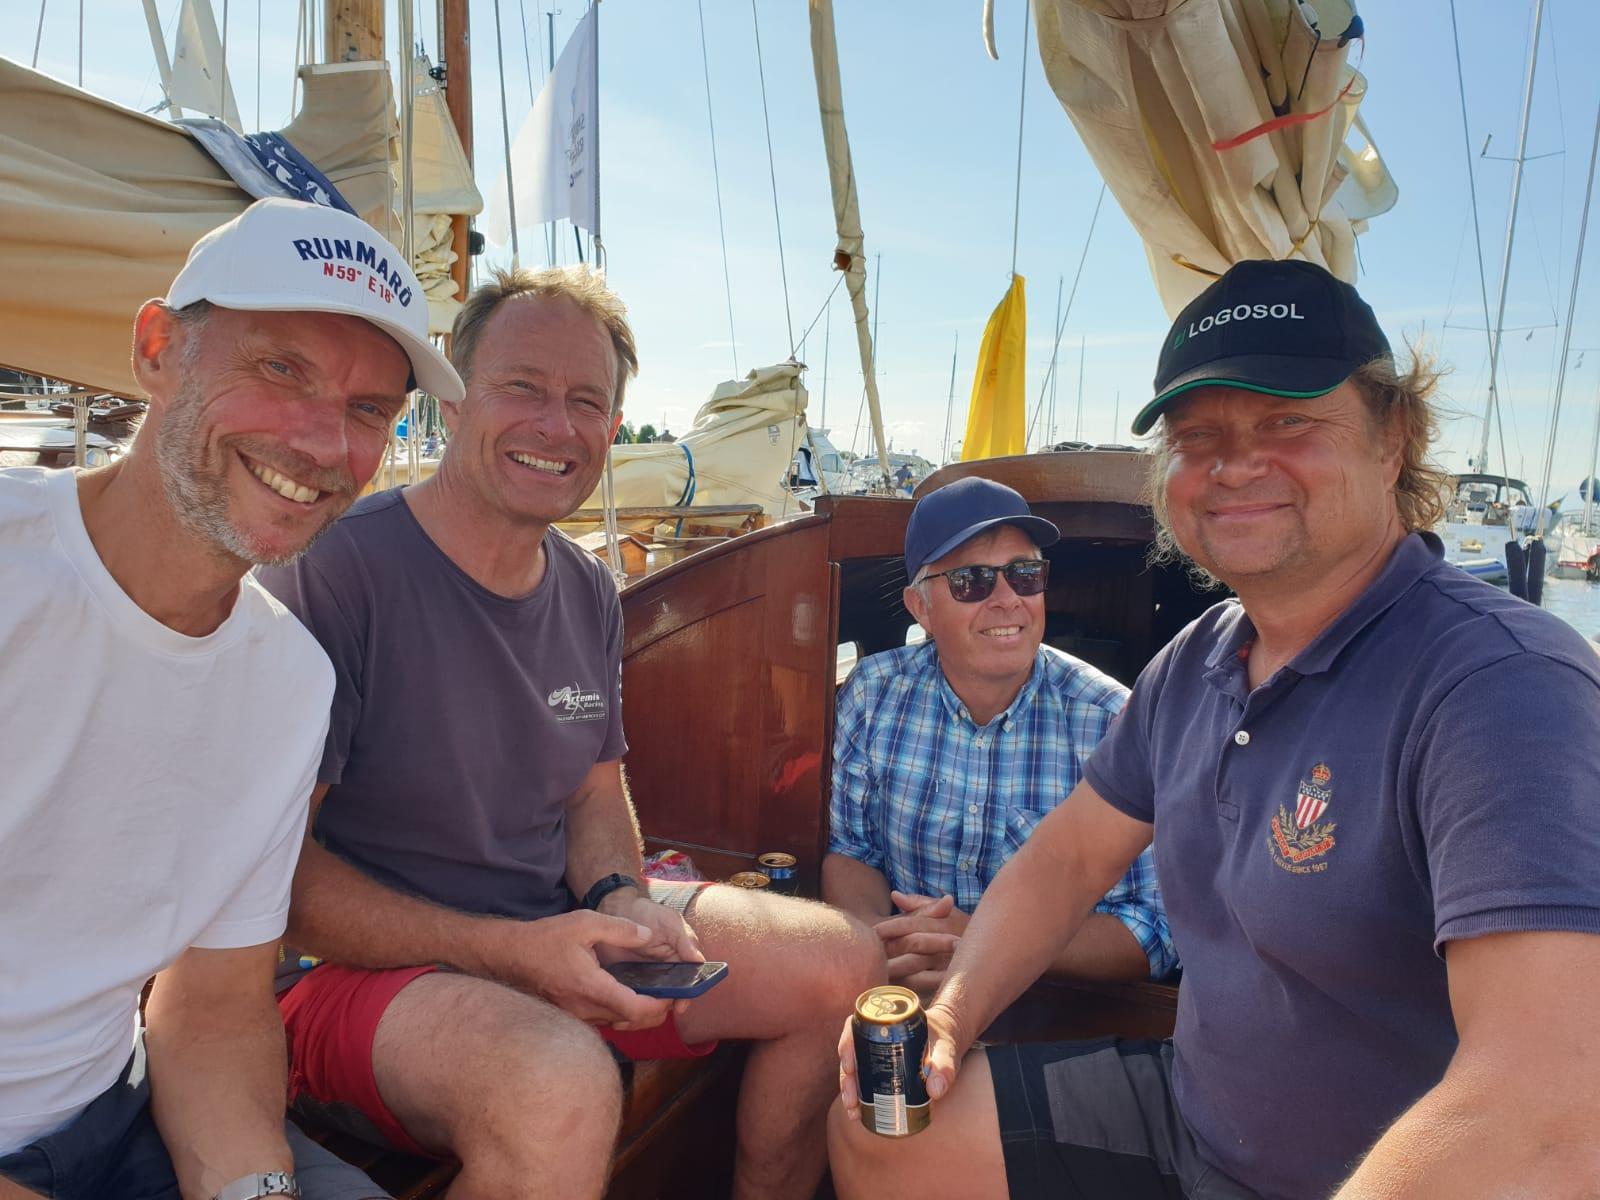 Besättningen, Magnus S, Magnus W, Joakim sam PG efter seglingen.   Foto ©Katarina Swahn